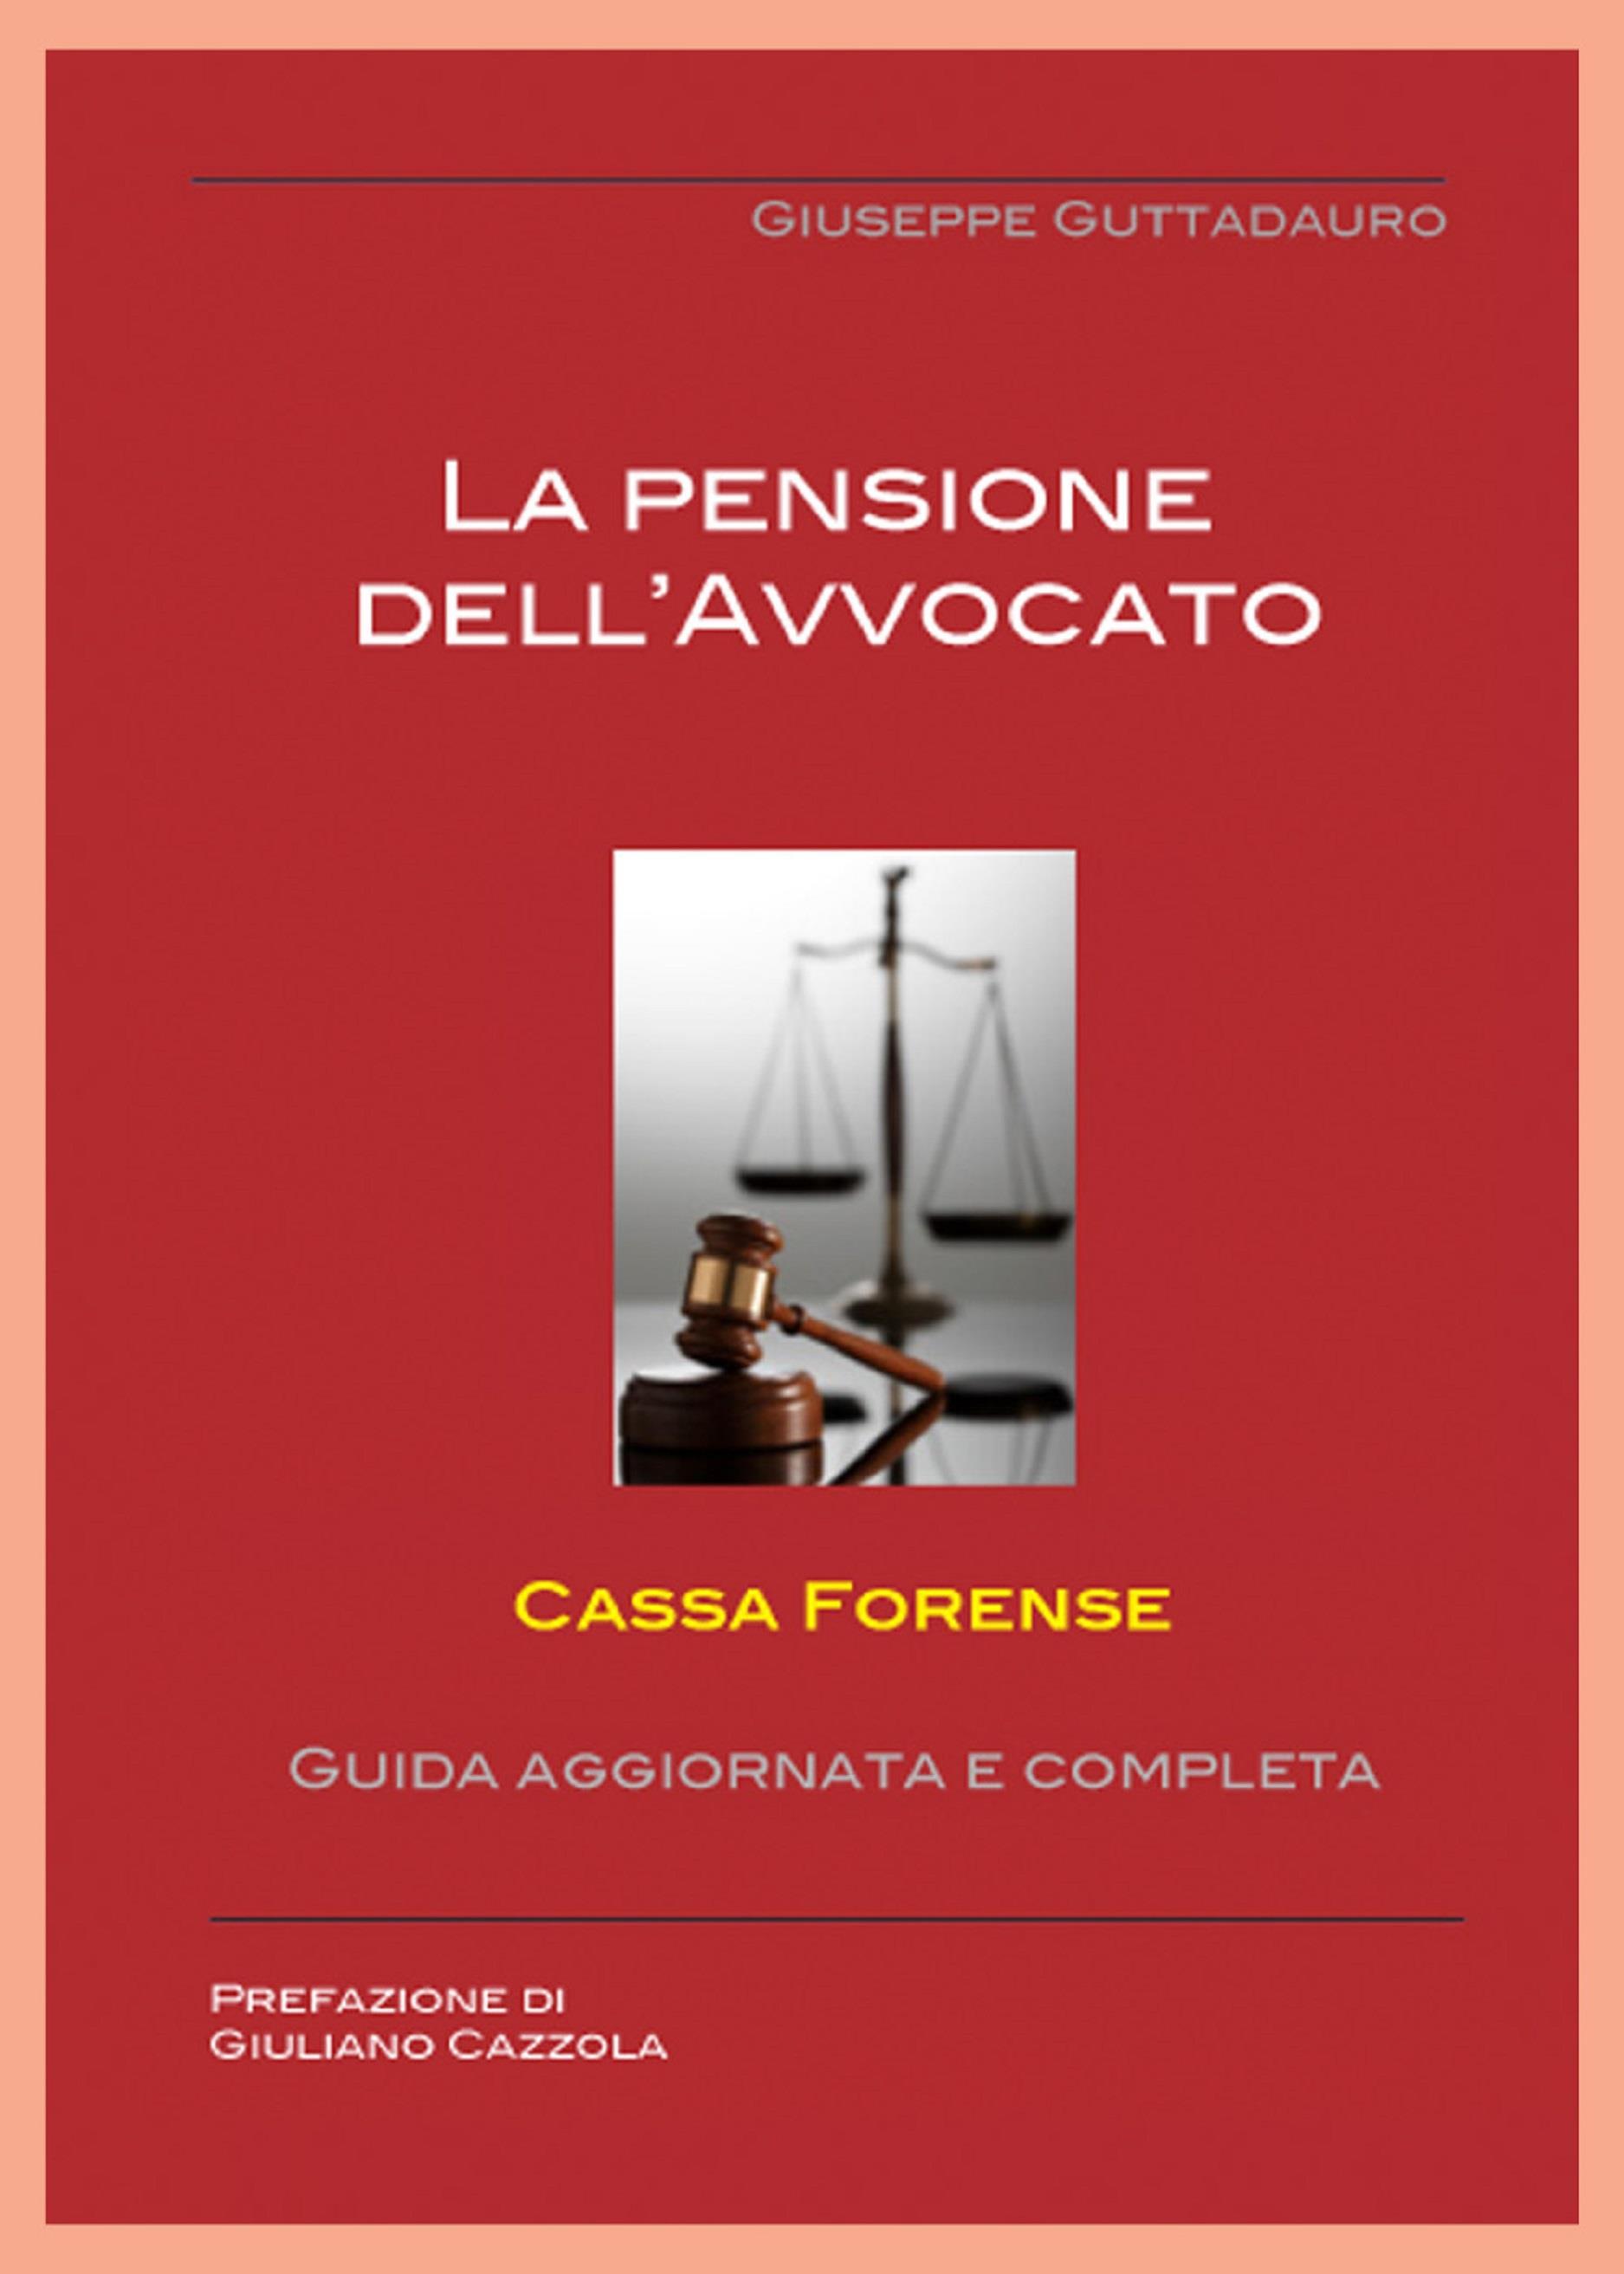 La pensione dell'Avvocato